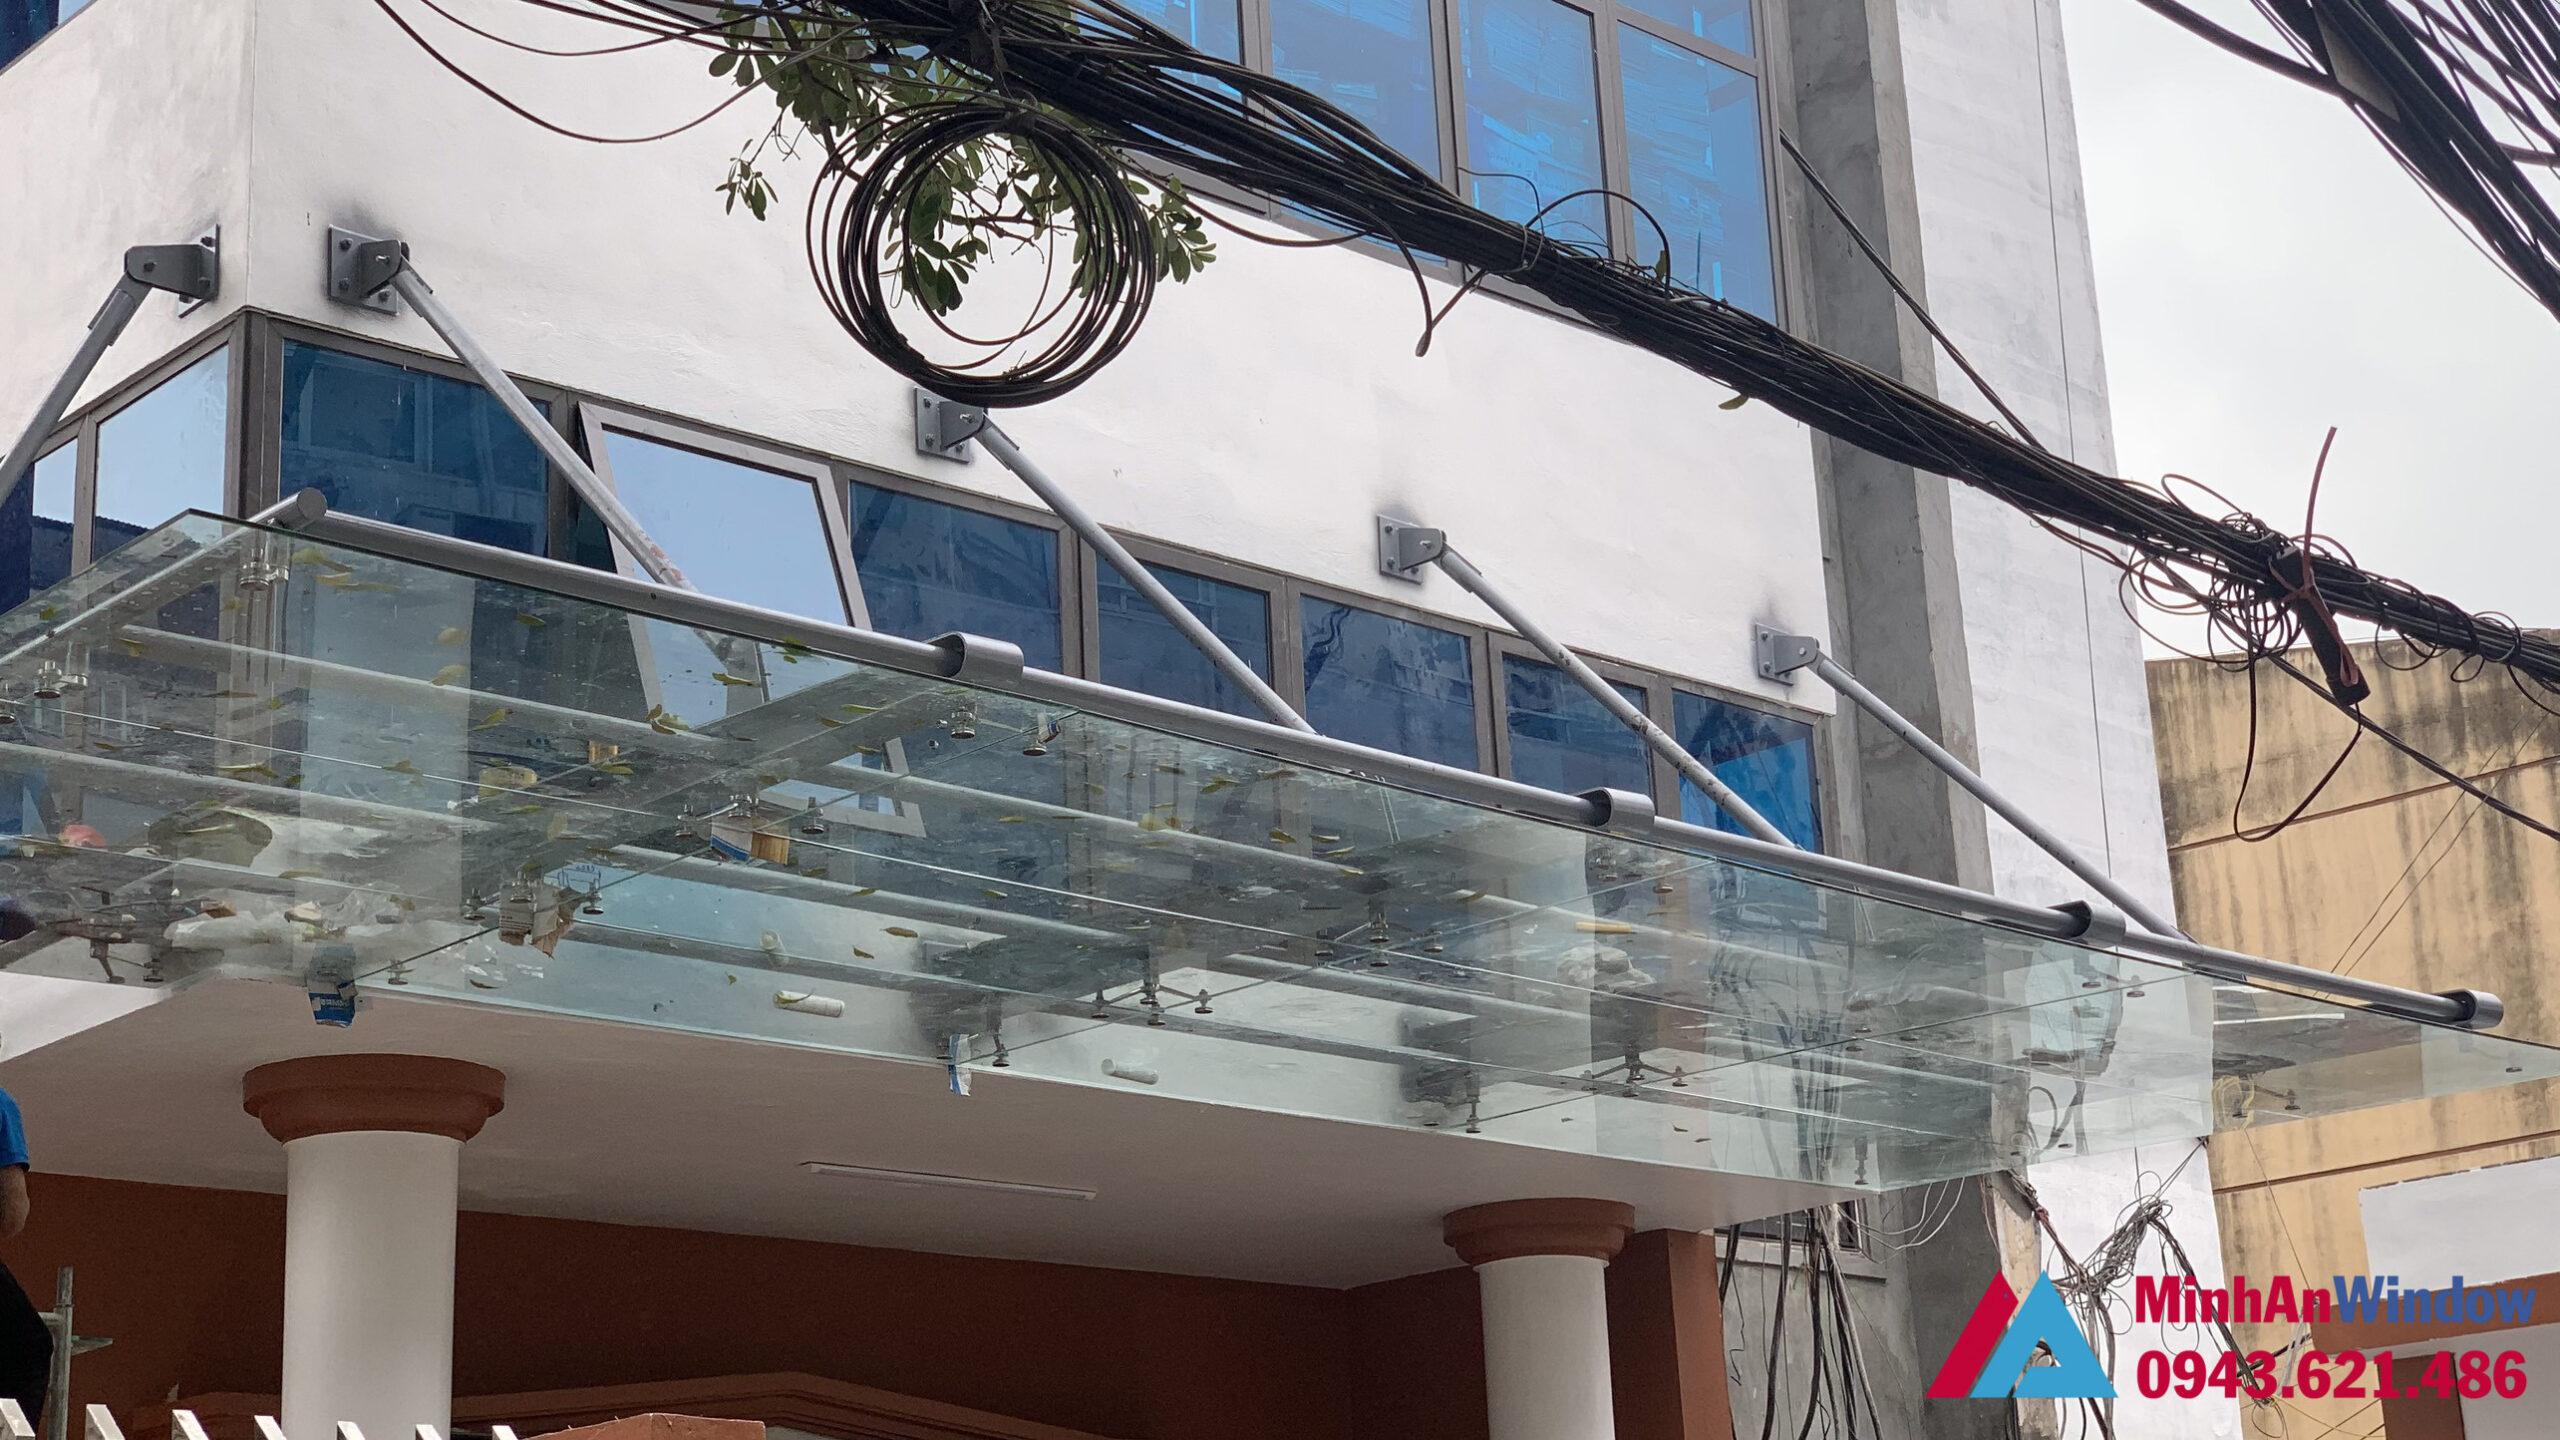 Mái kính chân nhện tại Bắc Giang cao cấp chất lượng